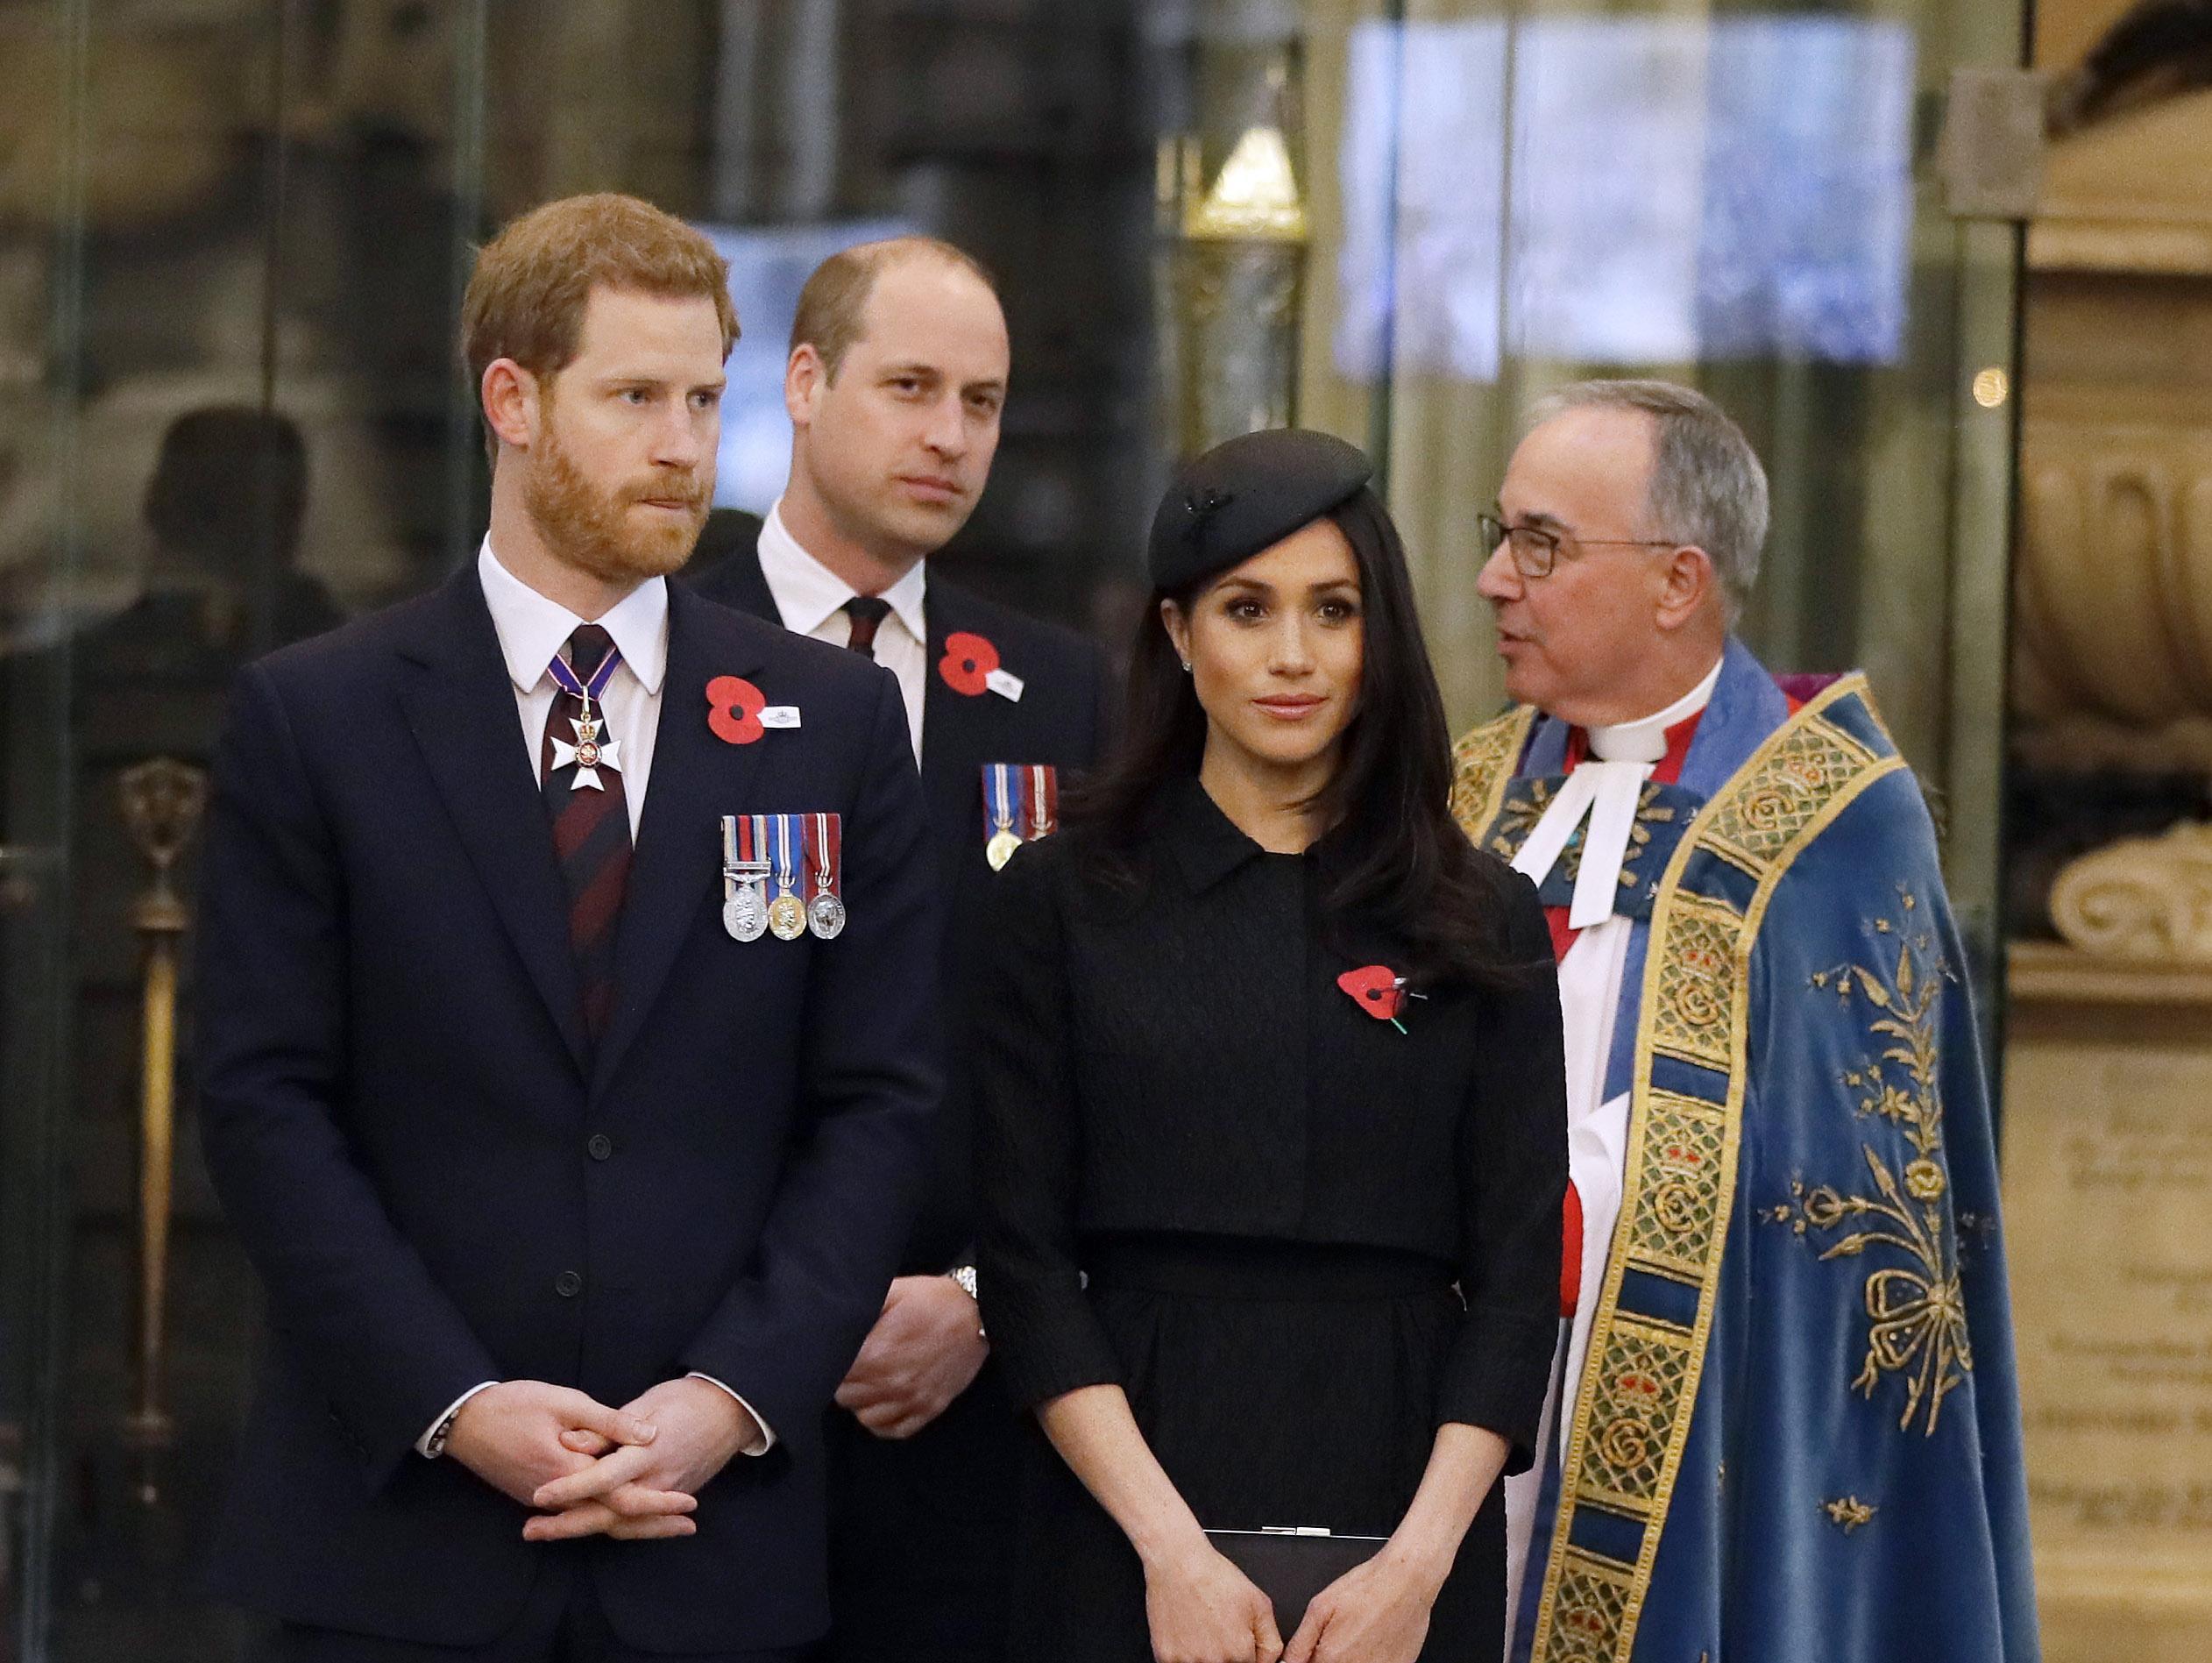 מה לובשים לחתונה מלכותית? קוד הלבוש המחייב של הארמון בבריטניה